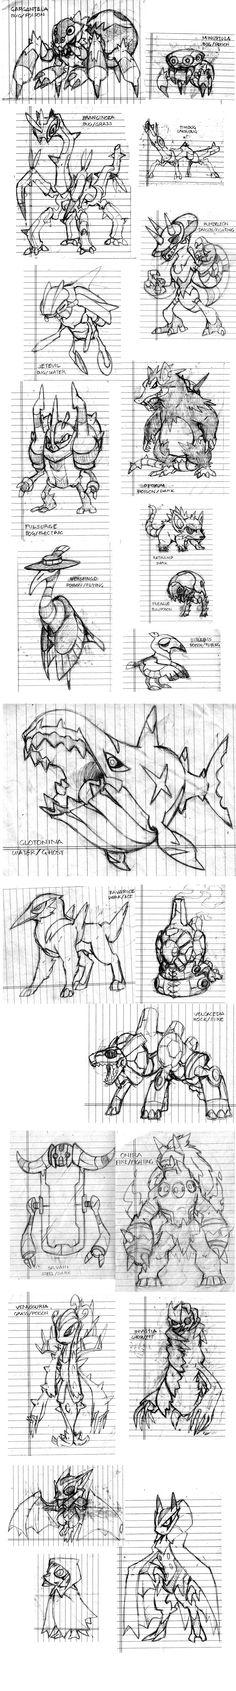 Fakemon Remake Sketchdump by darksilvania on DeviantArt